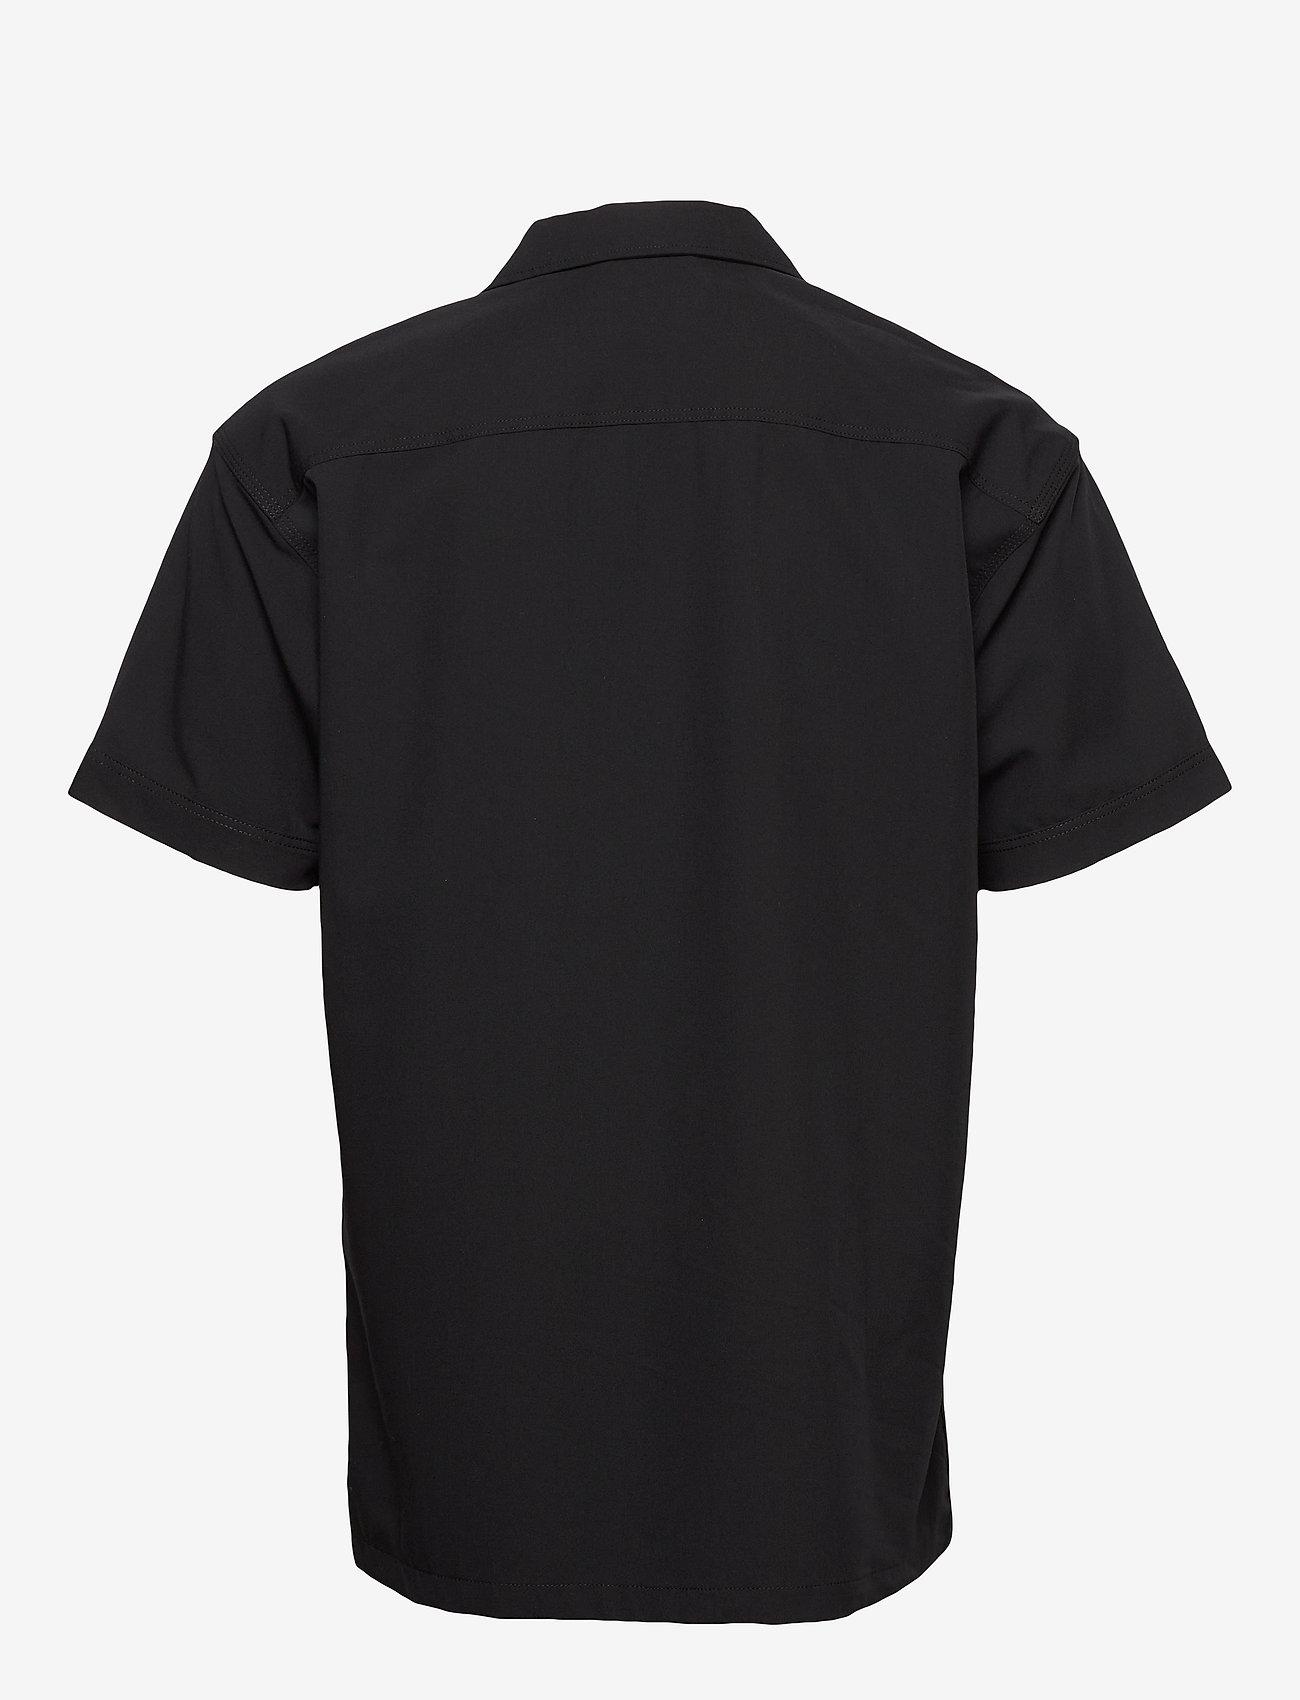 Jack & Jones - JCOMONO SHIRT SS WORKER - basic skjorter - black - 1